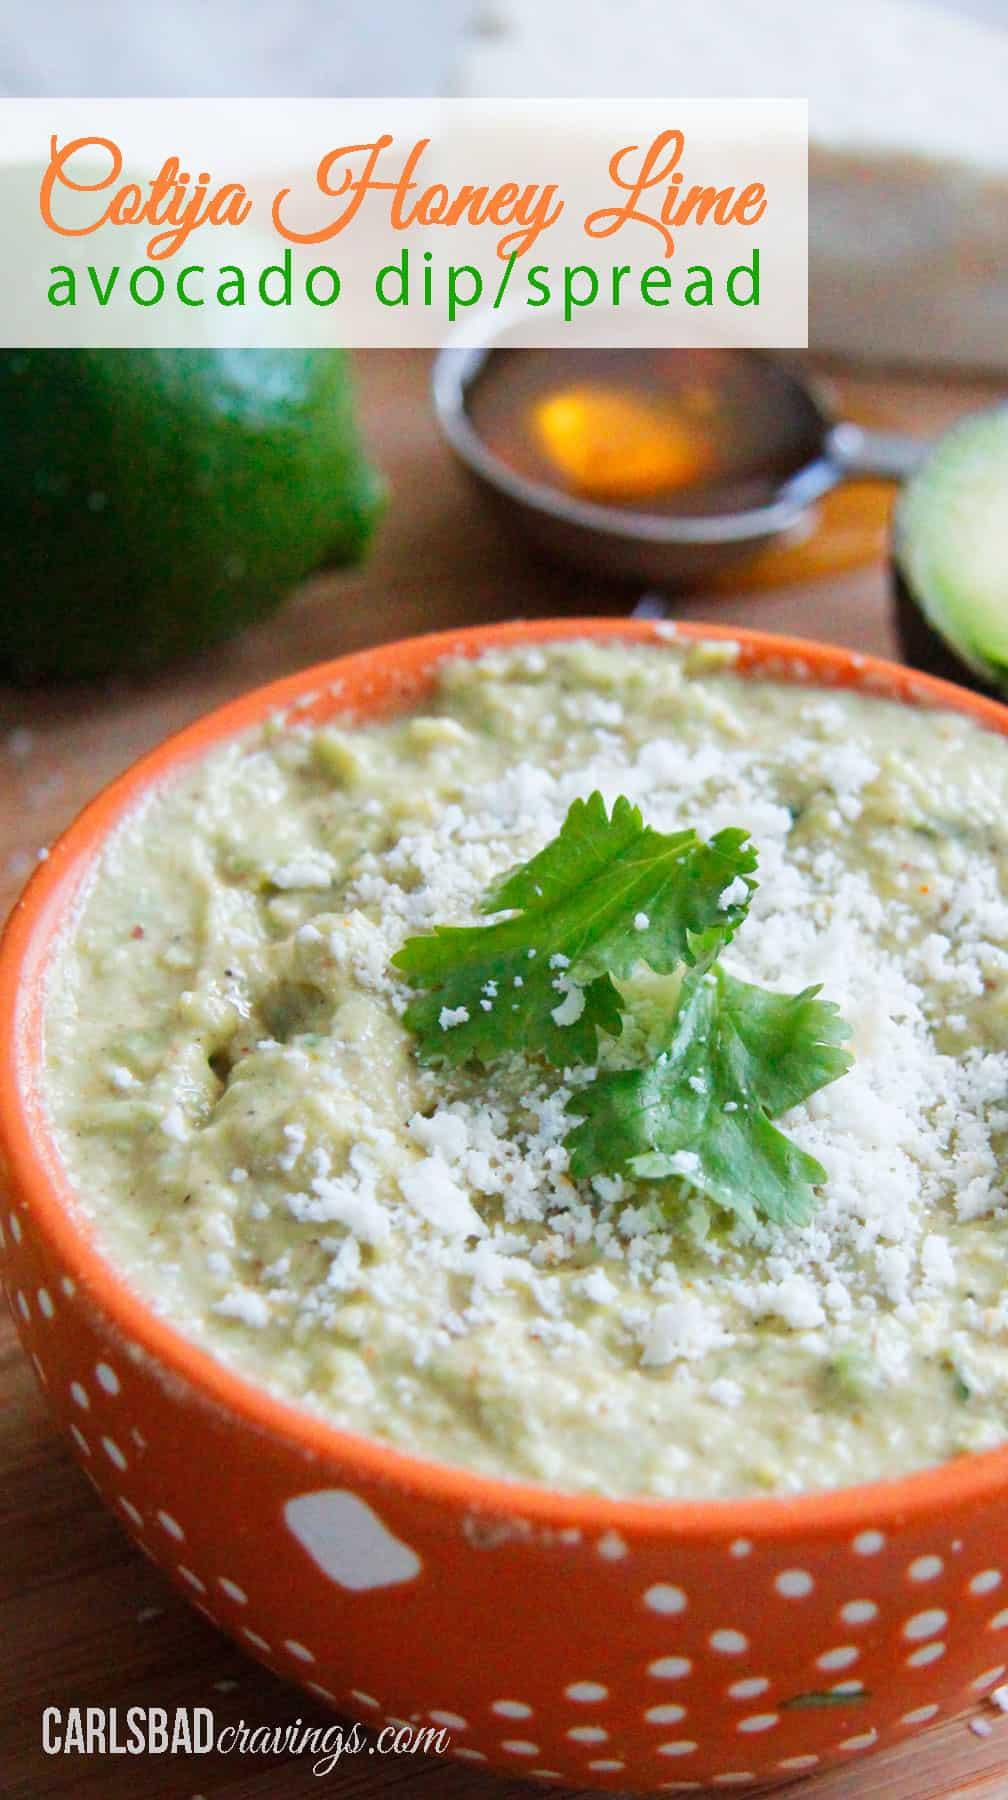 healthy Avocado Dip or spread in a bowl